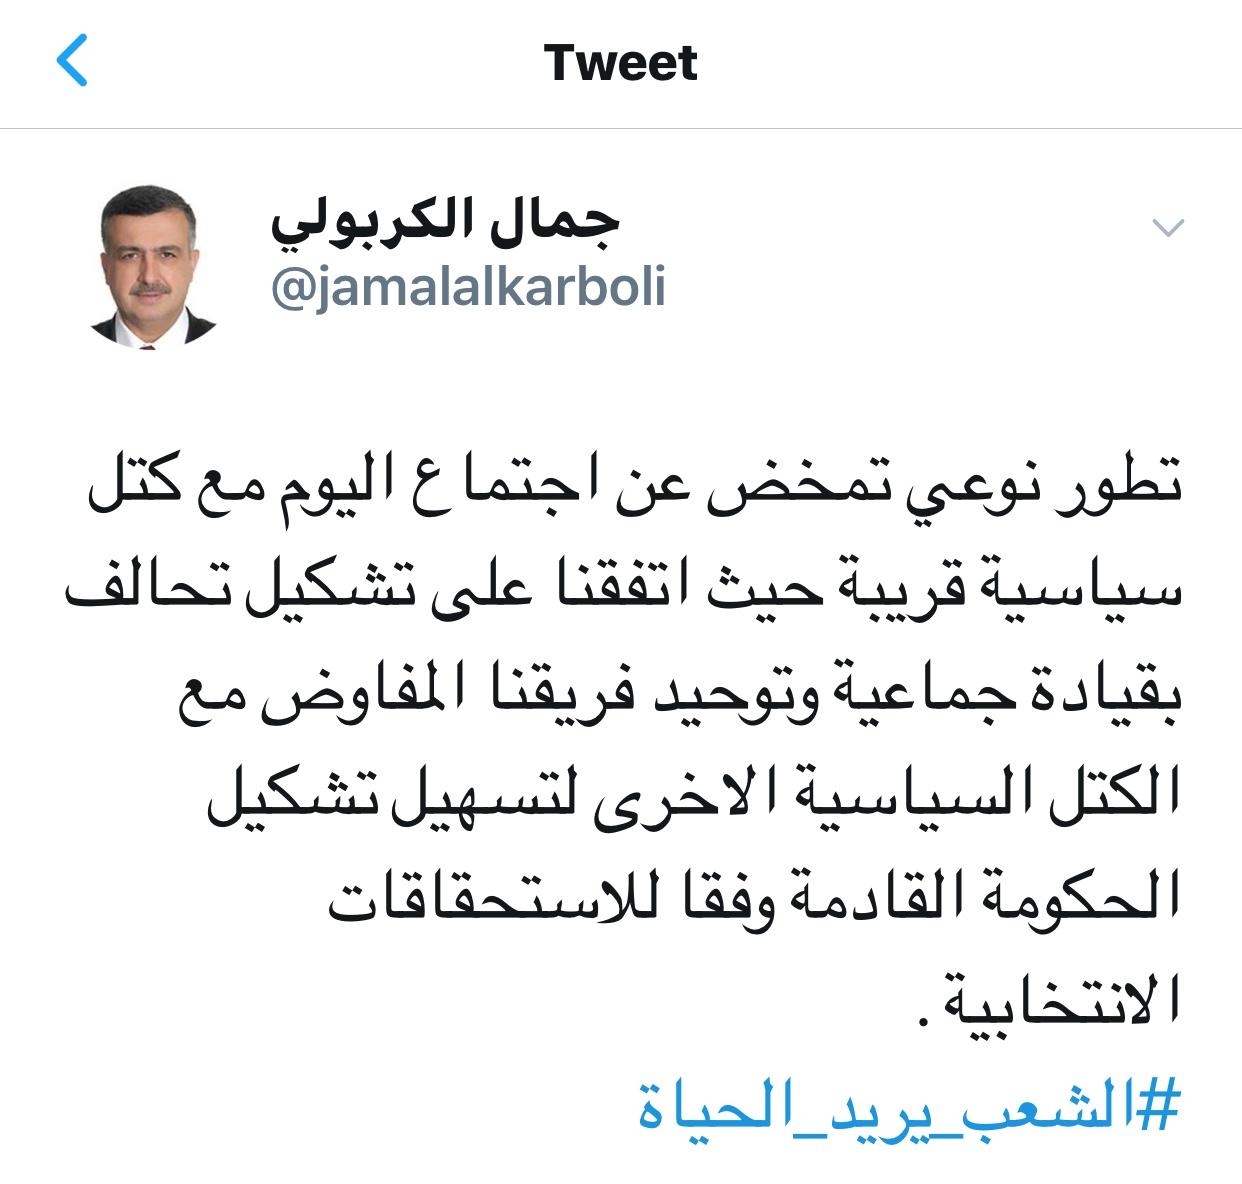 الكربولي مغردا: اجتماع اليوم تمخض عن اتفاق لتشكيل تحالف بقيادة جماعية لمفاوضة الكتل السياسية